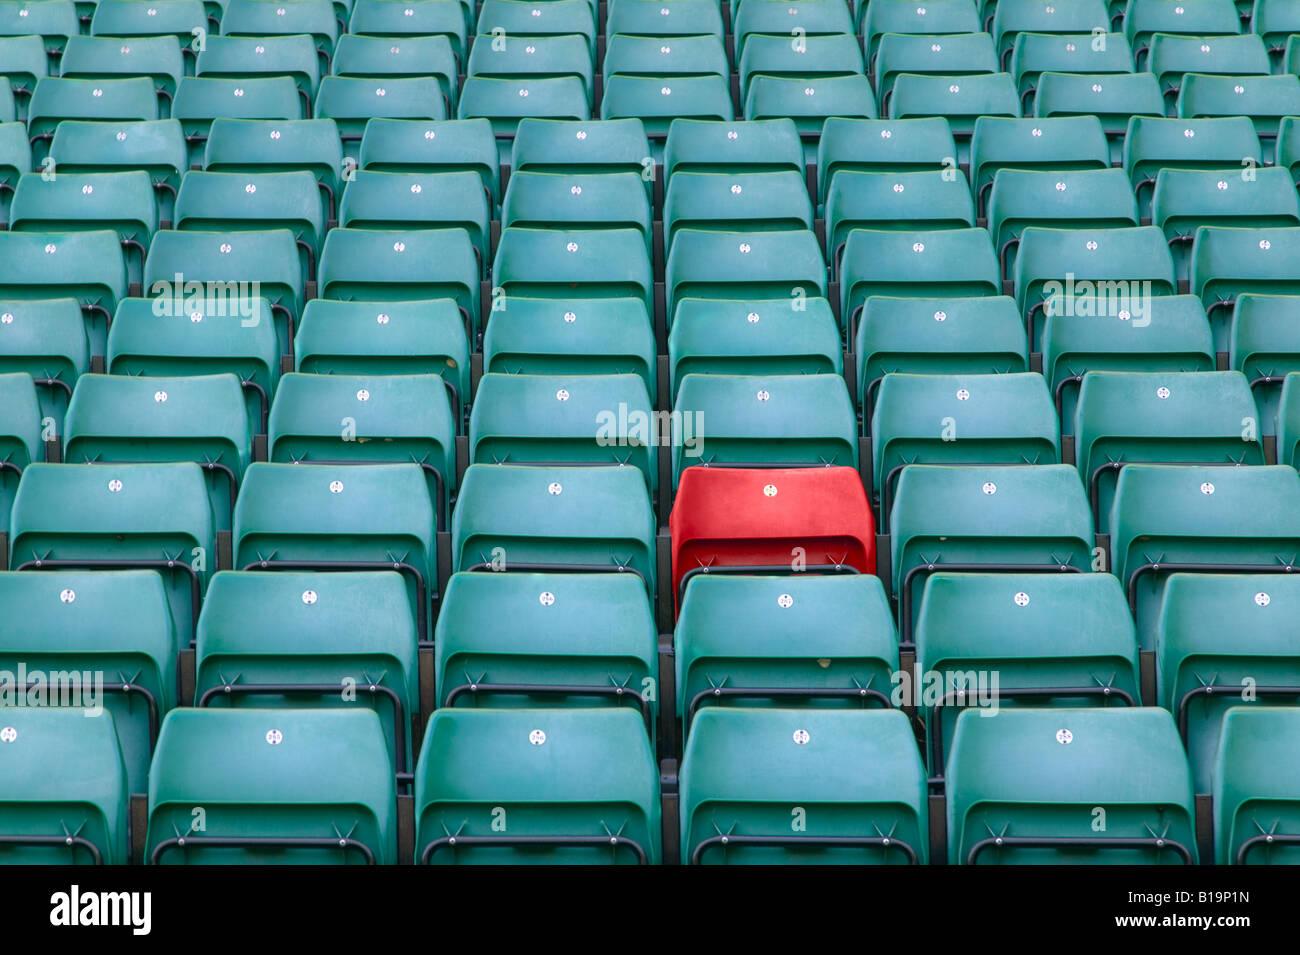 Un siège rouge dans les rangées de sièges verts dans un stade Photo Stock